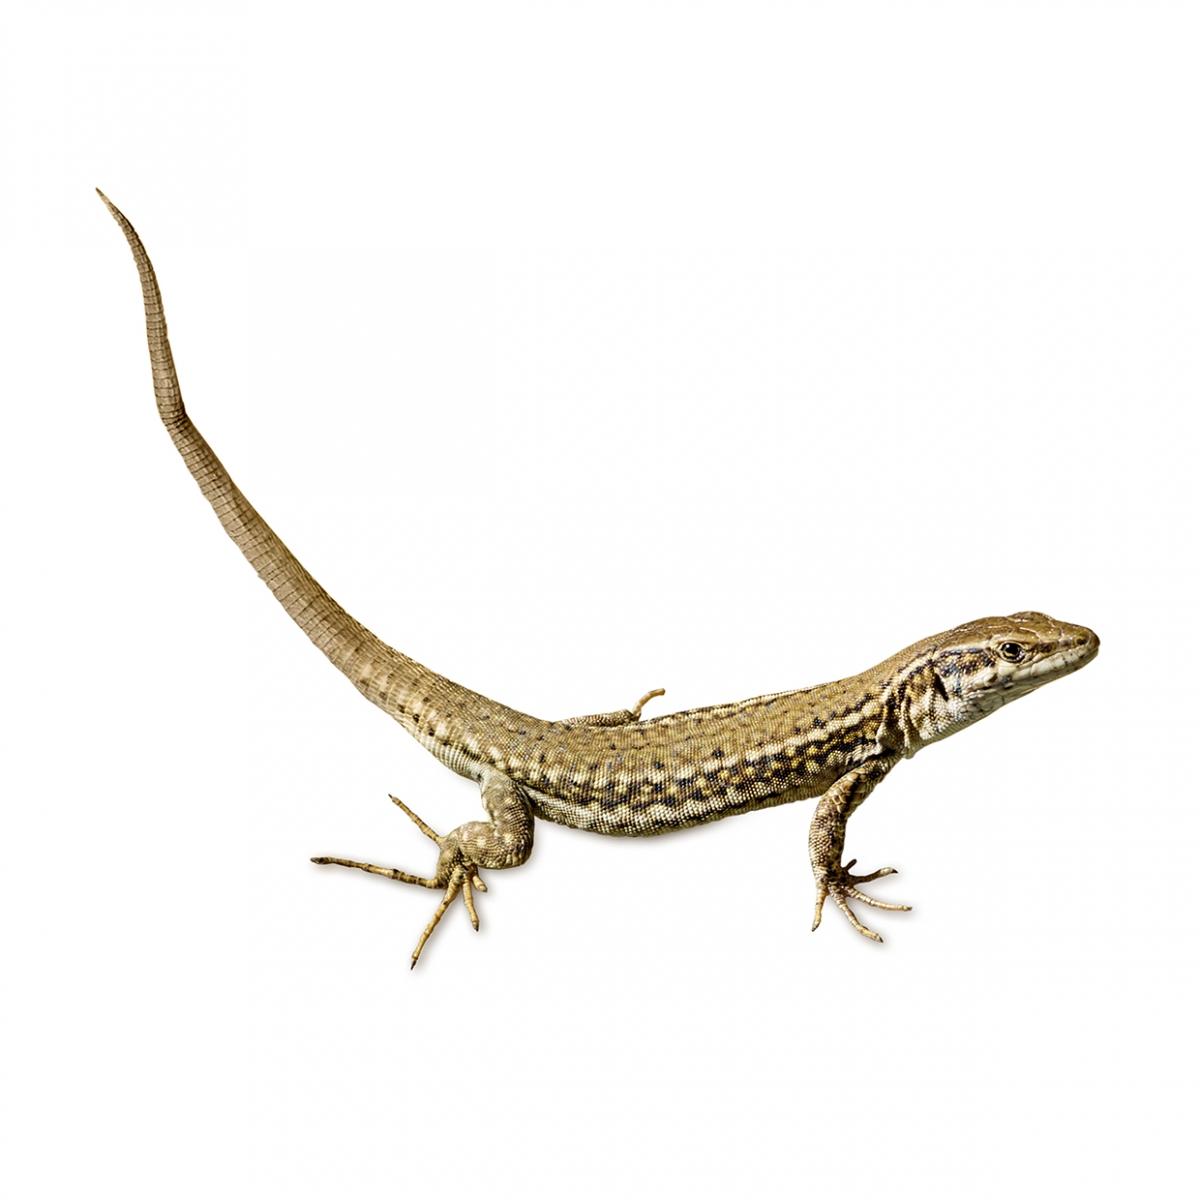 Imagen en la que aparece una lagartija